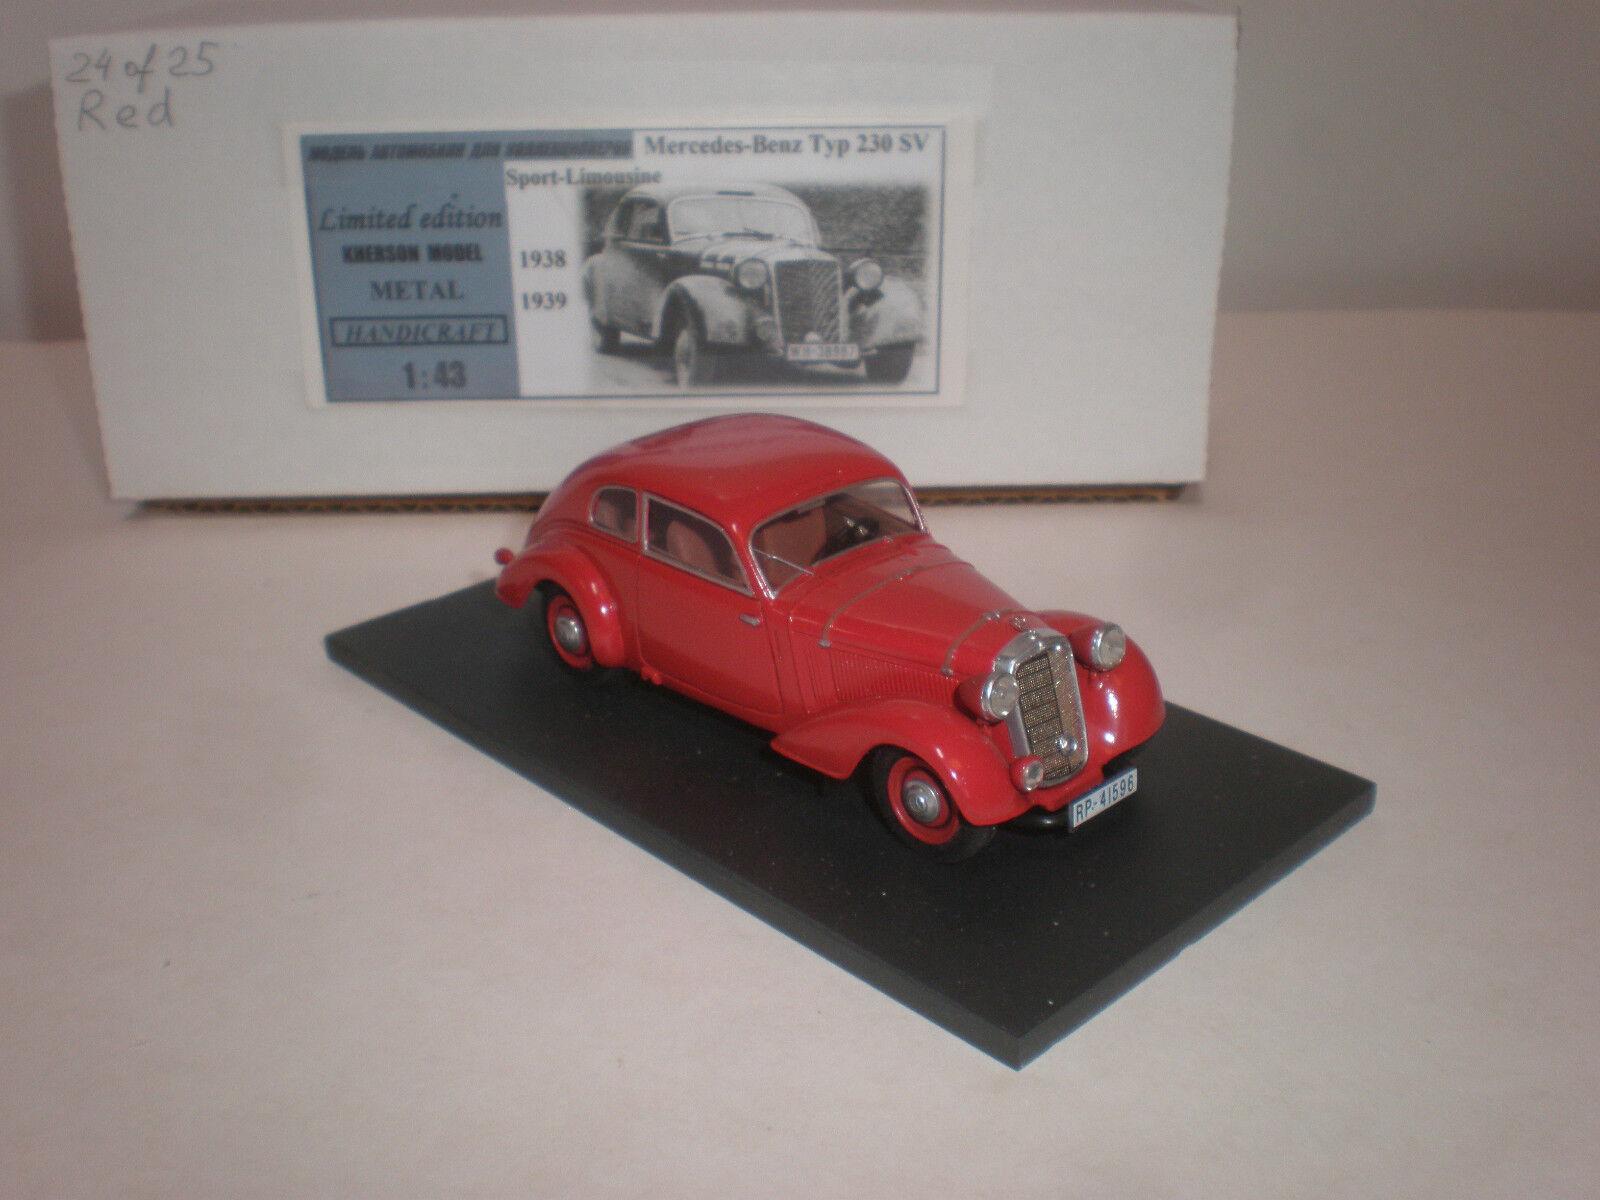 1 43 1938-1939 Mercedes Benz 230 SV Sport limusina (versión de calle) rojo